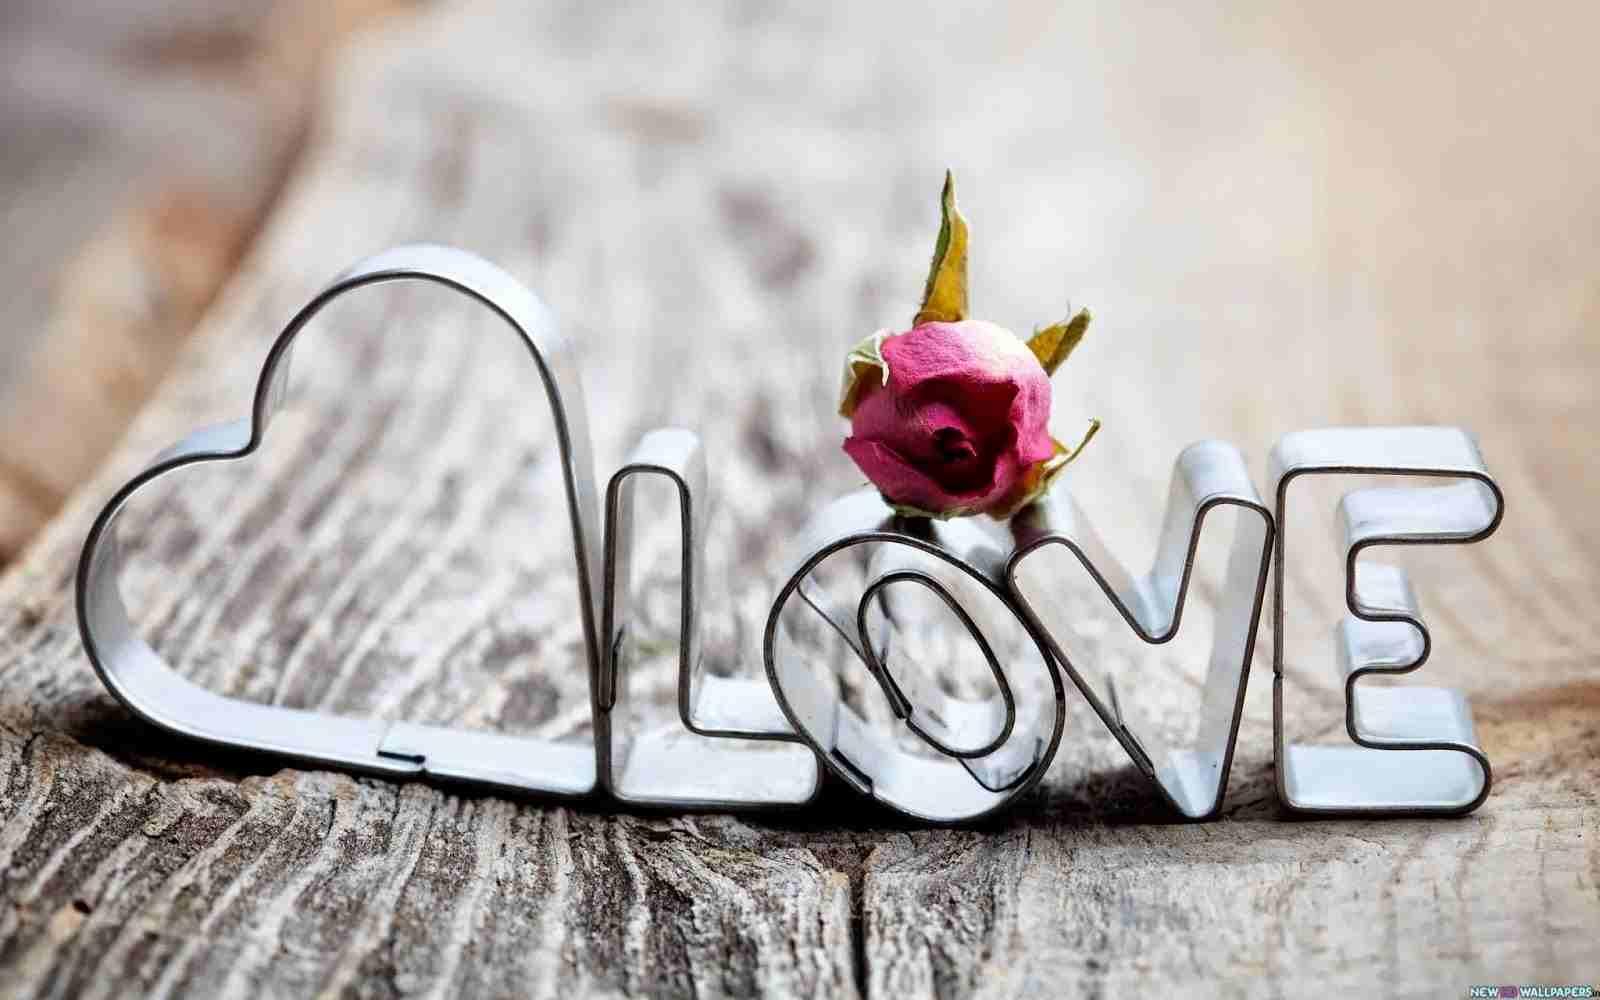 بالصور صور الحب والغرام اجمل صور الحب والغرام , اروع صور الحب والغرام 1457 7